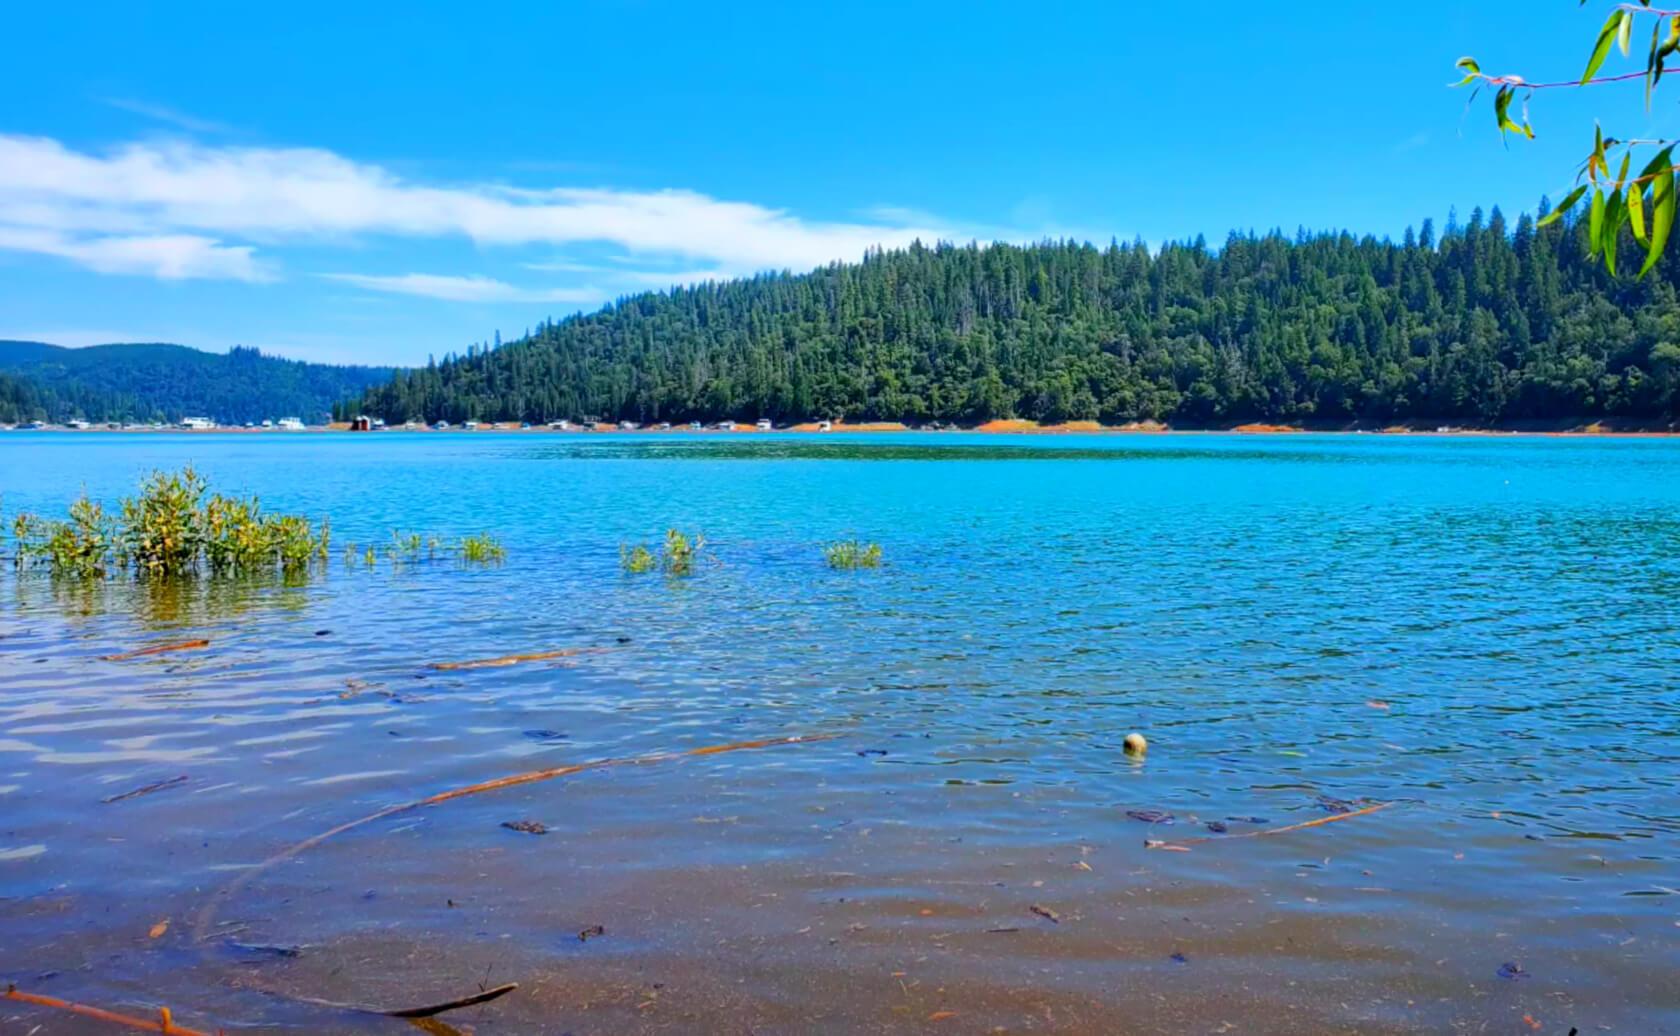 New-Bullards-Bar-Reservoir-Lake-Fishing-Guide-Report-California-08